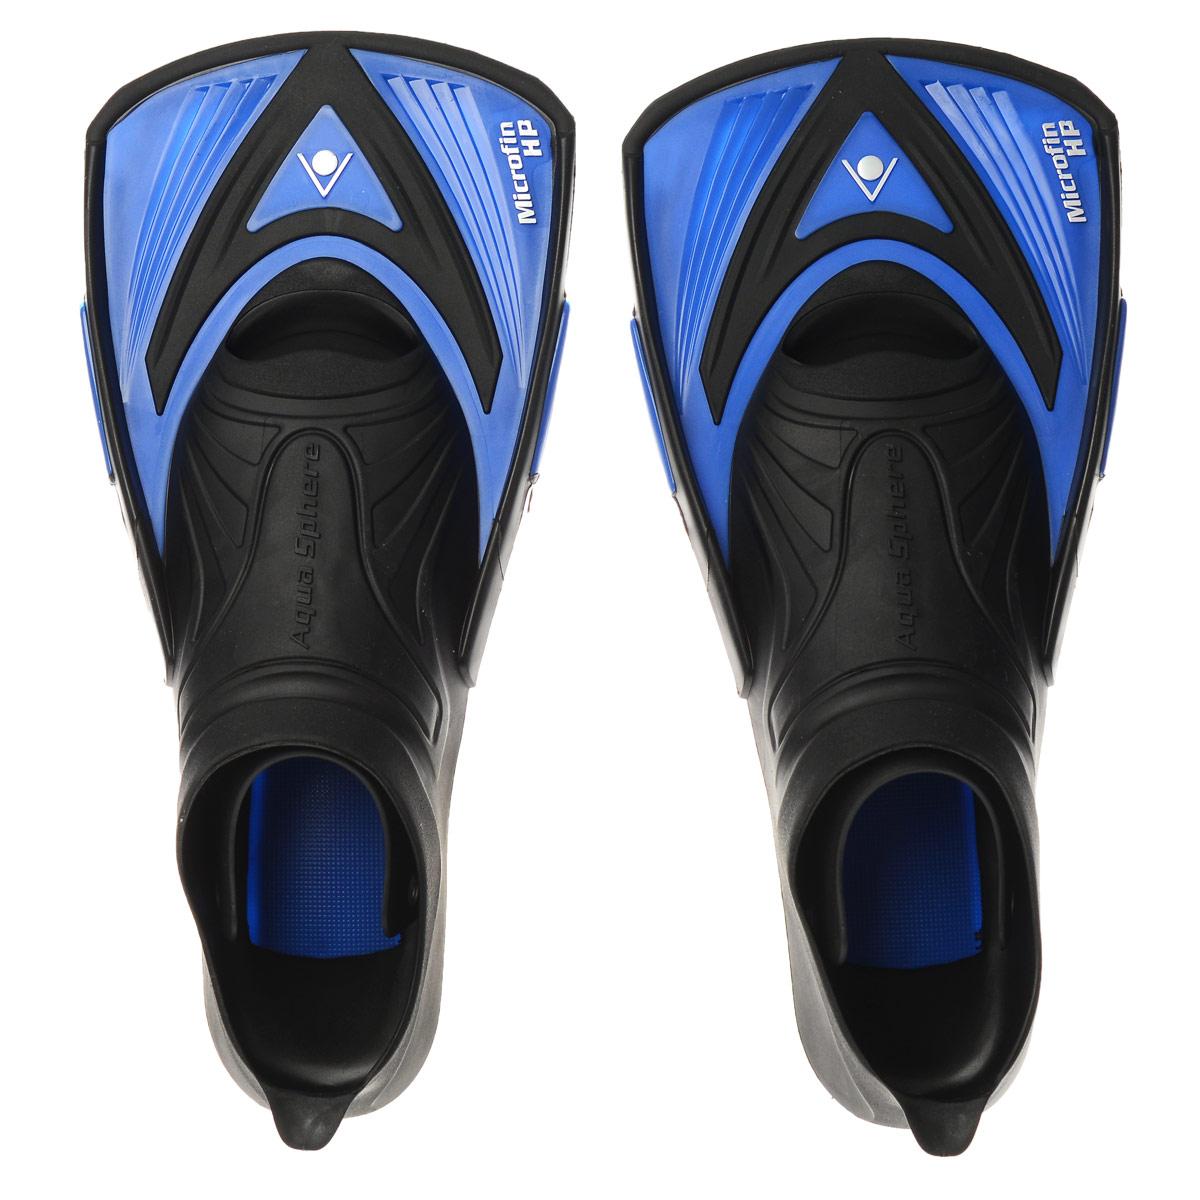 Ласты тренировочные Aqua Sphere Microfin HP, цвет: синий. Размер 32/33TN 221360 (205350)Aqua Sphere Microfin HP - это ласты для энергичной манеры плавания, предназначенные для серьезных спортивных тренировок. Уникальный дизайн ласт обеспечивает достаточное сопротивление воды для силовых тренировок и поддерживает ноги близко к поверхности воды - таким образом, пловец занимает правильное положение, гарантирующее максимальную обтекаемость. Особенности: Галоша с закрытой пяткой выполнена из прочного термопластика. Короткие лопасти удерживают ноги пловца близко к поверхности воды. Позволяют развивать силу мышц и поддерживать их в тонусе, одновременно совершенствуя технику плавания.